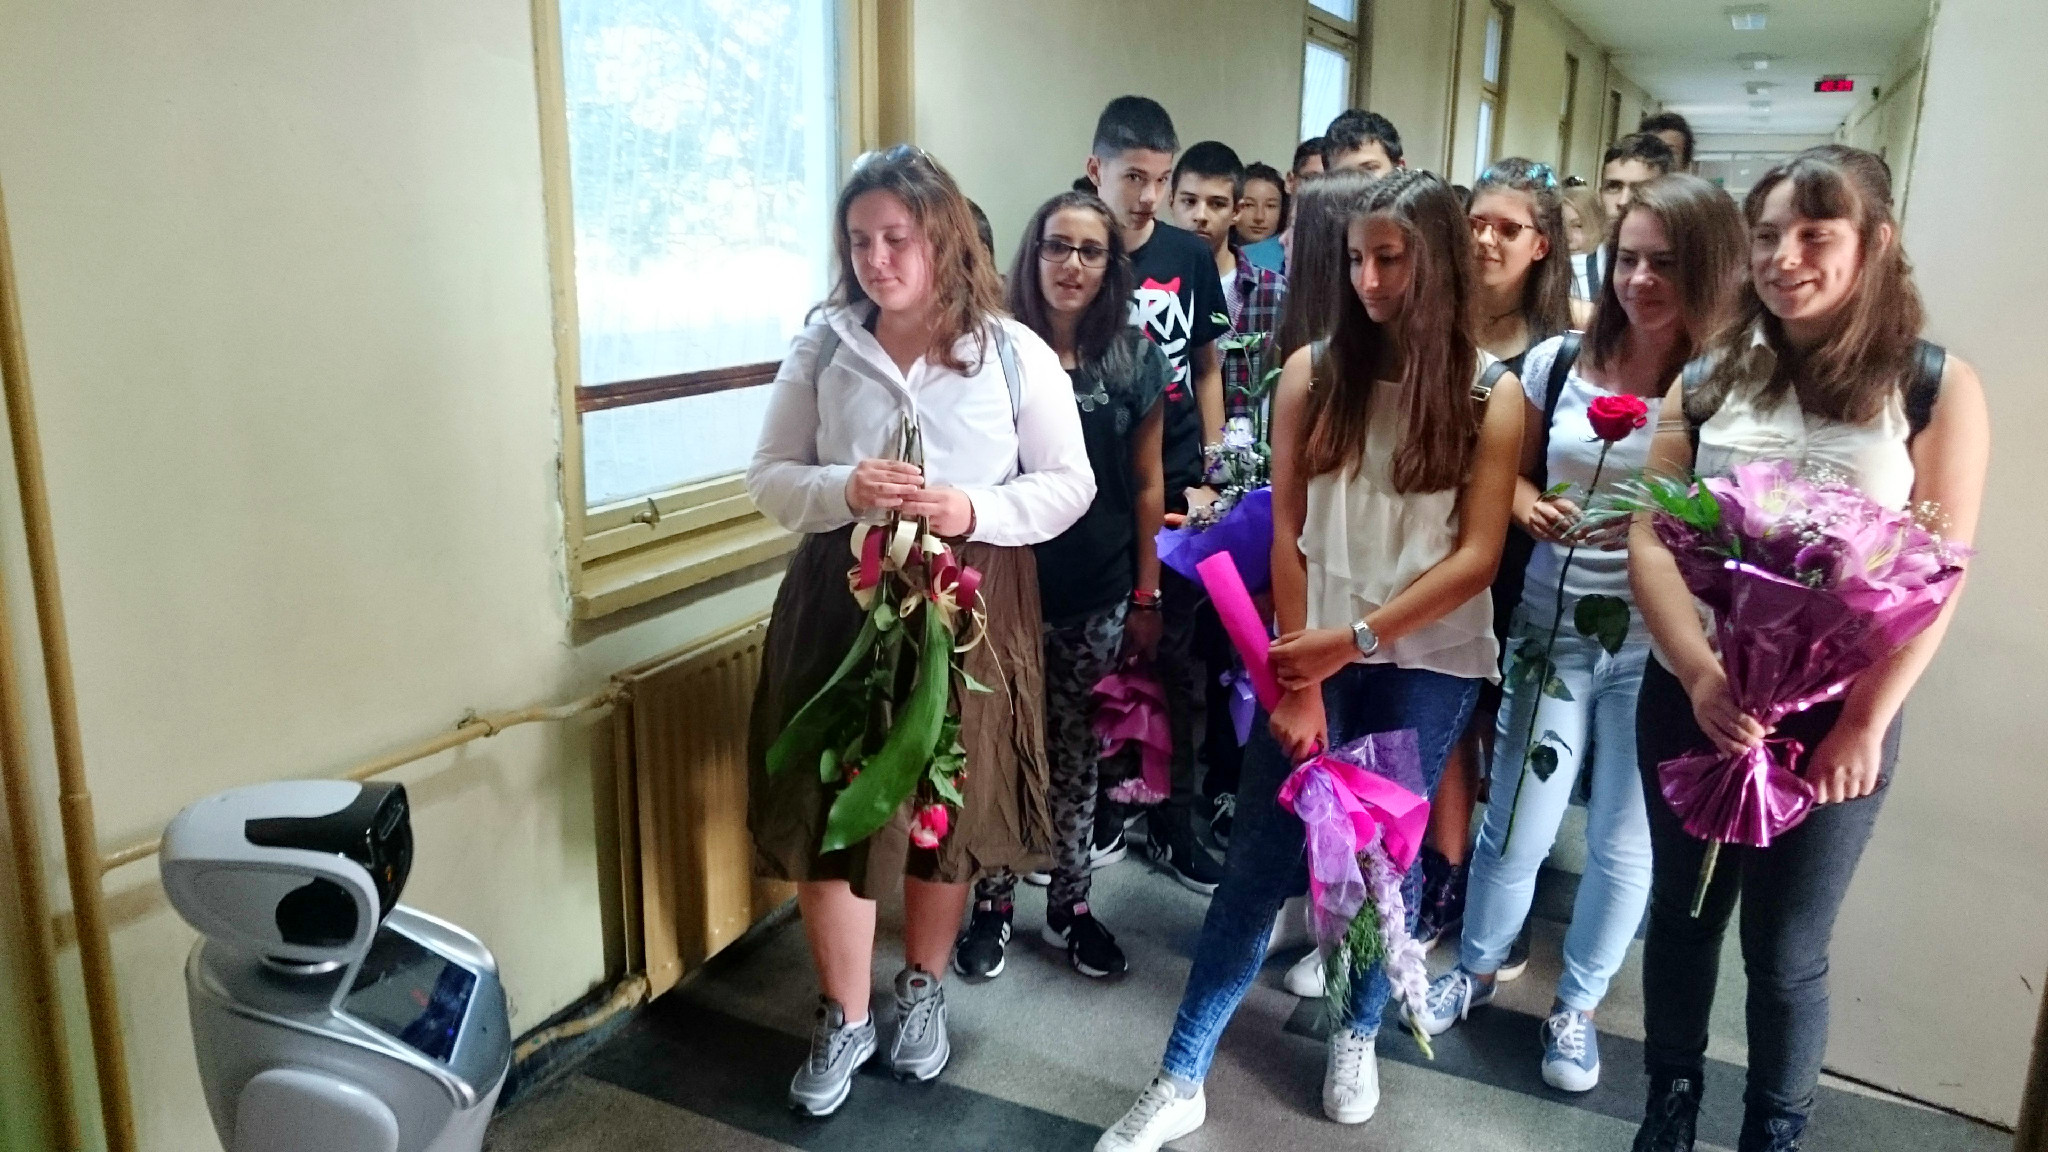 Преди влизането им в класните стаи в новото училище осмокласниците бяха приветствани с лично гласово послание от Сани.